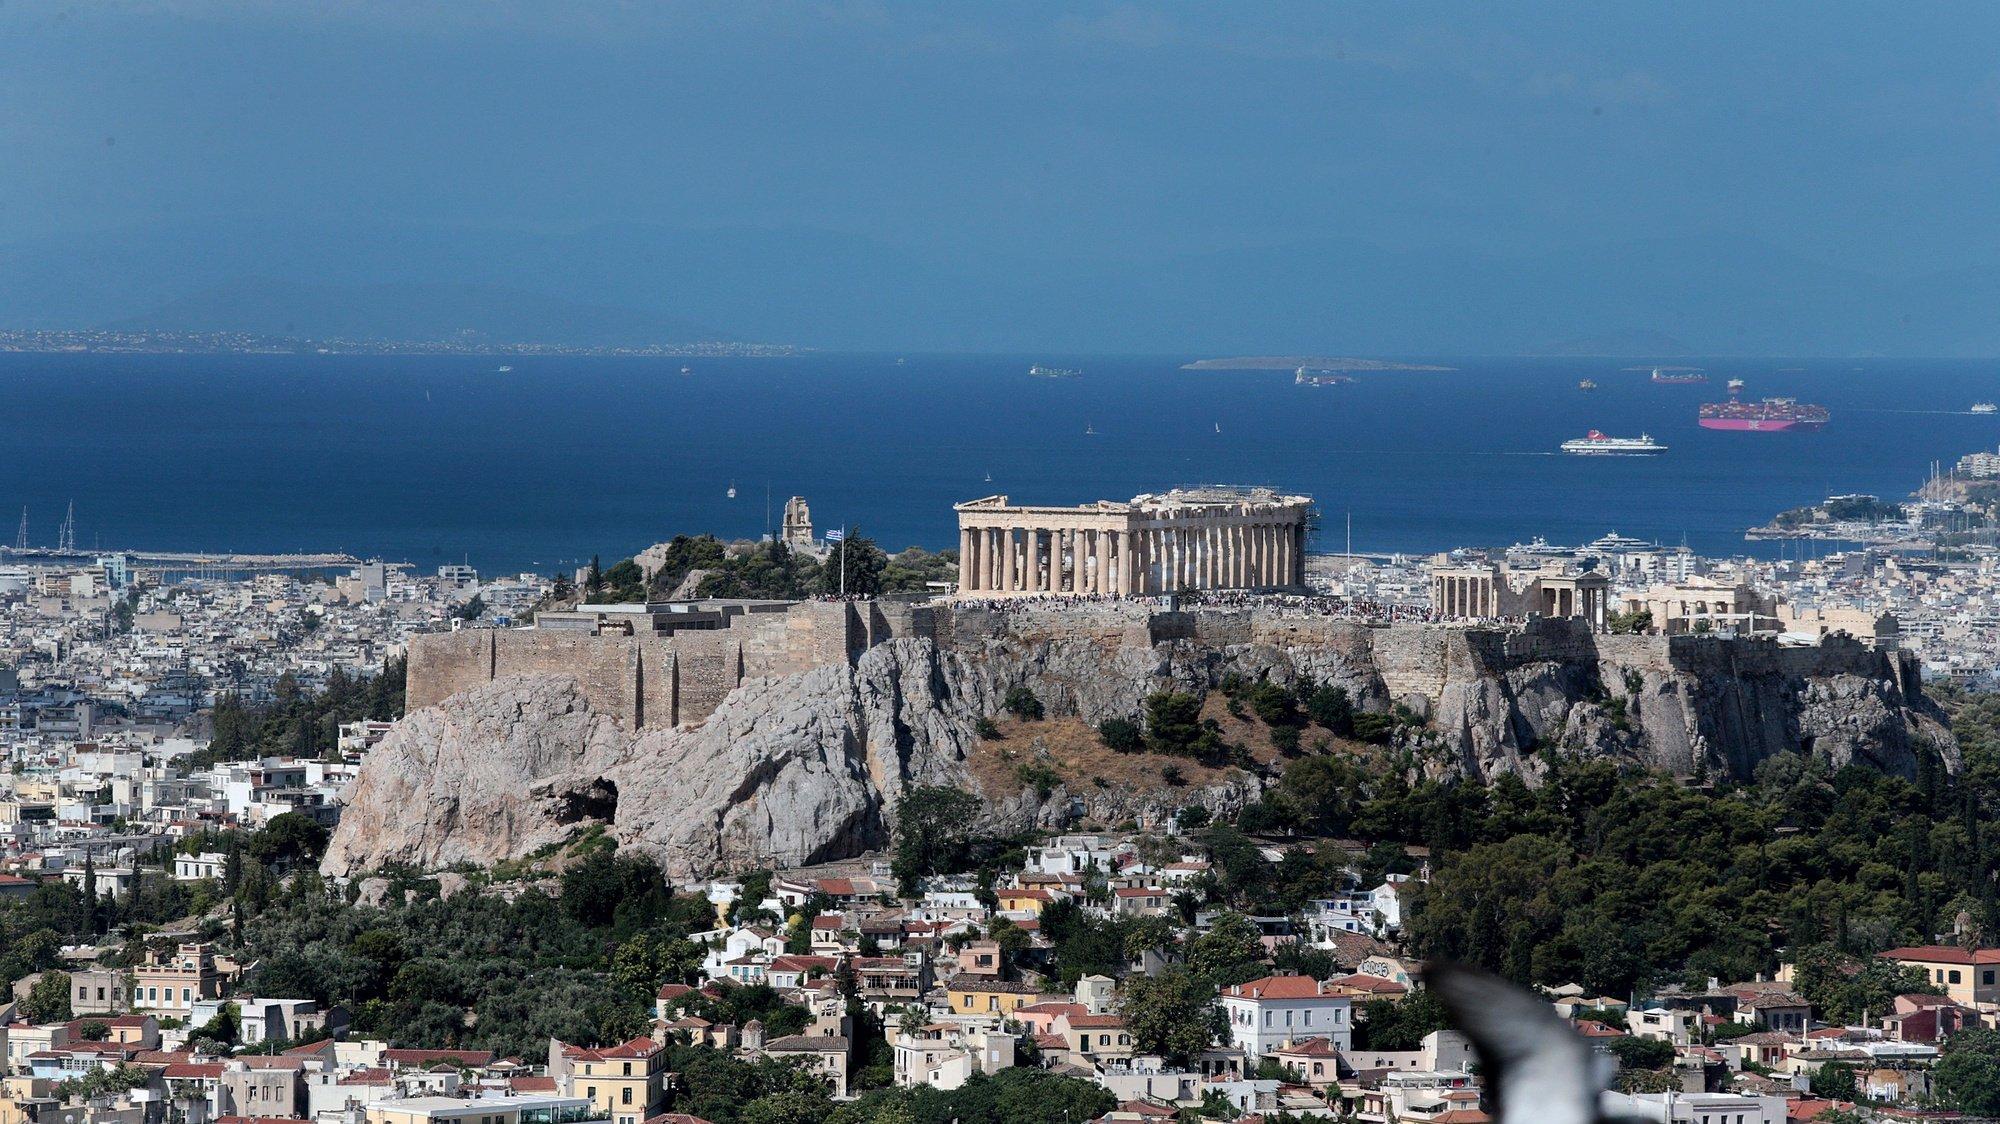 visão geral da Acrópole. Grécia